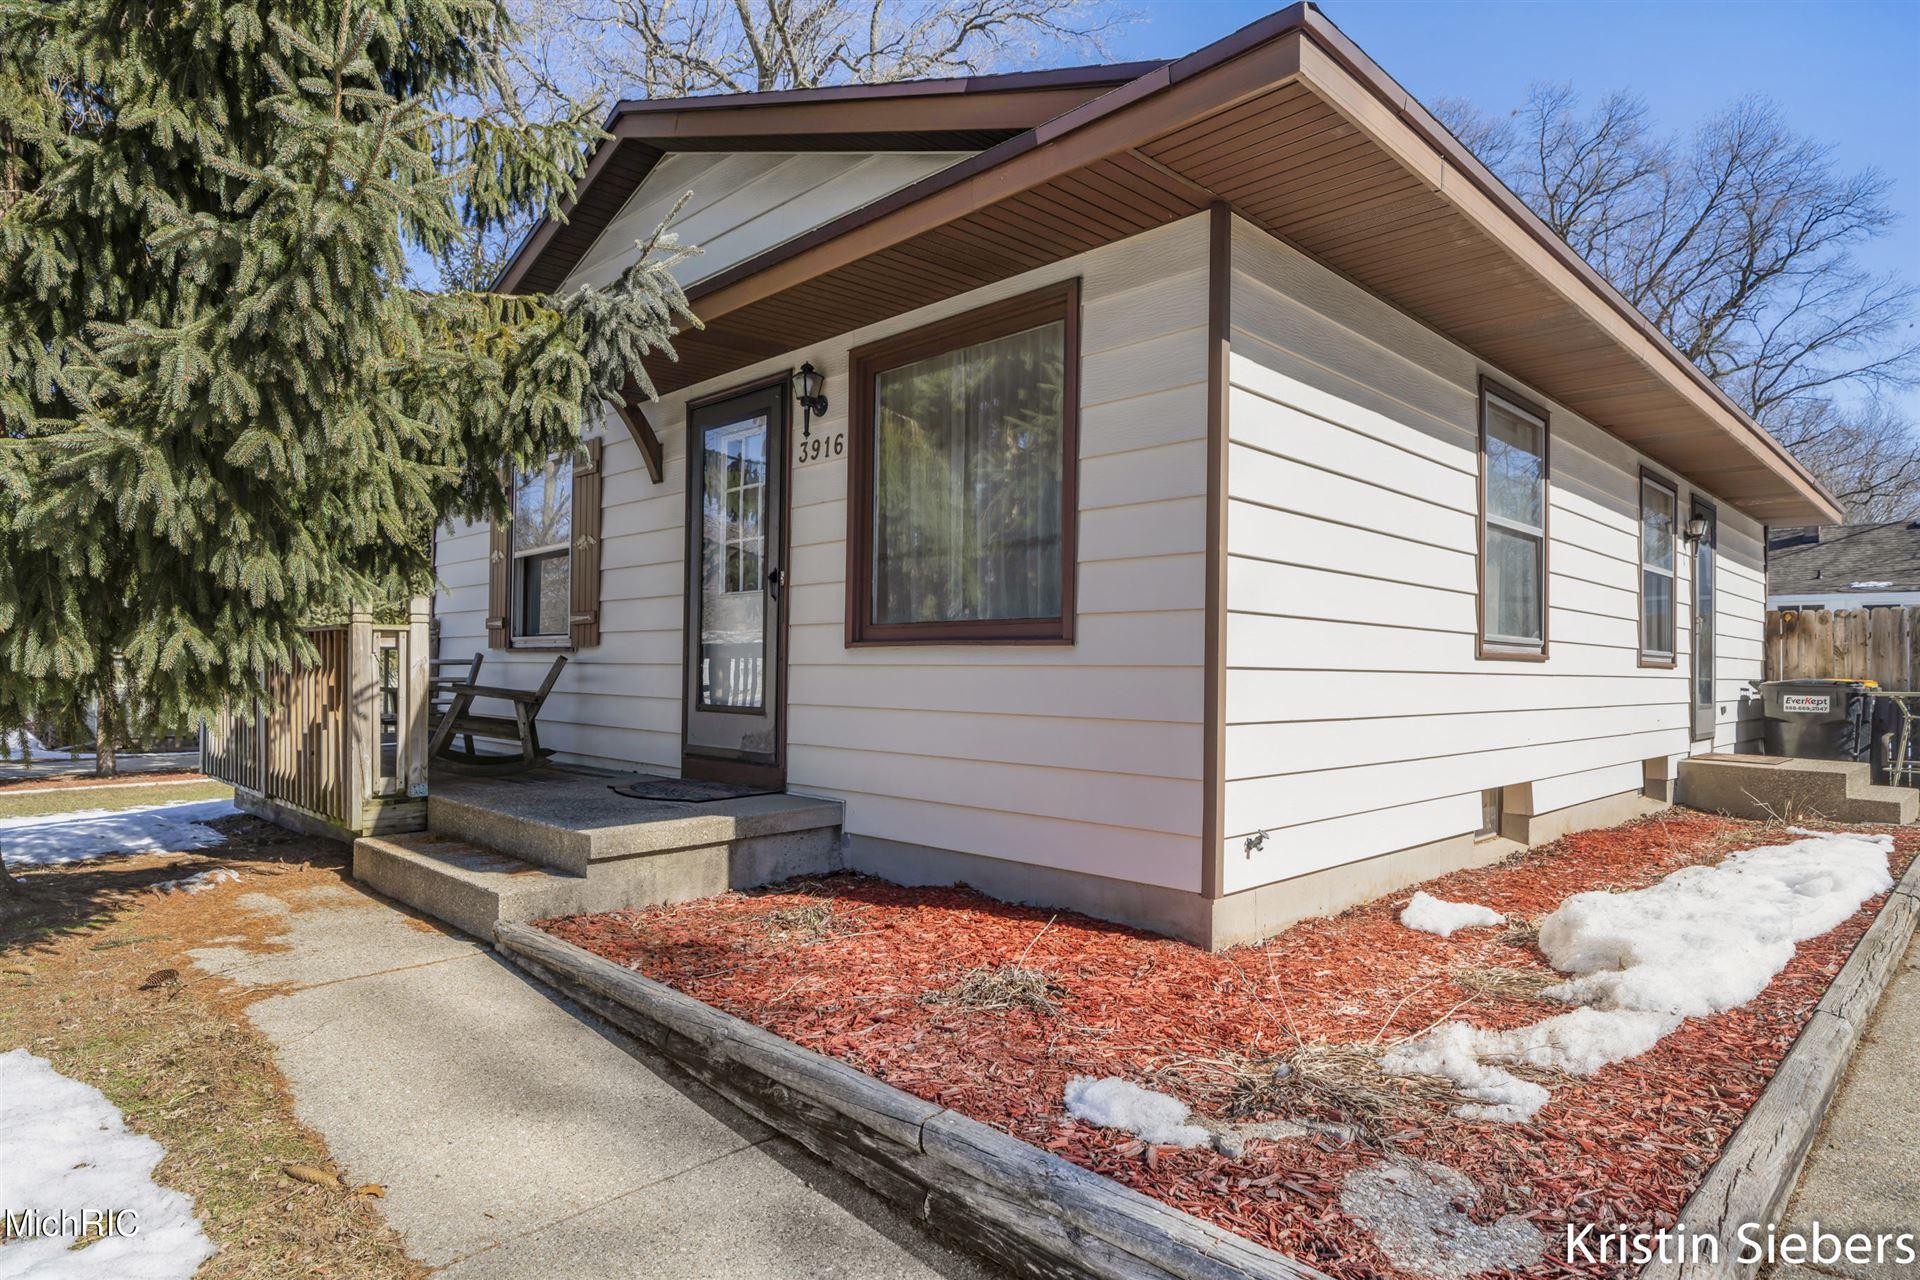 3916 Milan Avenue SW, Wyoming, MI 49509 - MLS#: 21006641